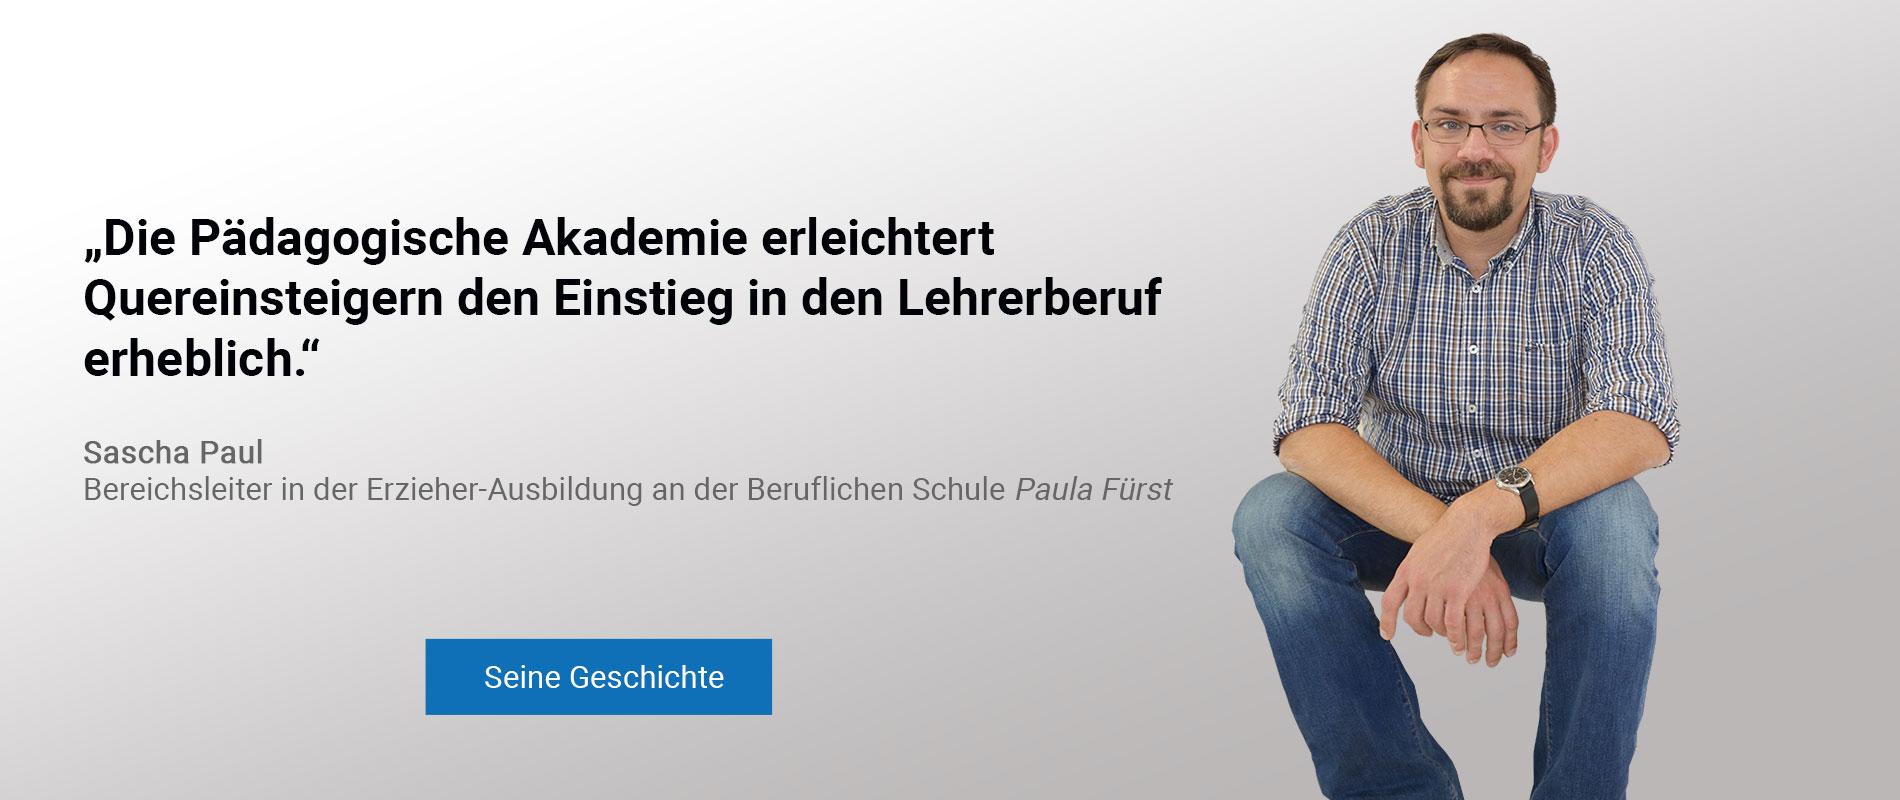 Sascha Paul